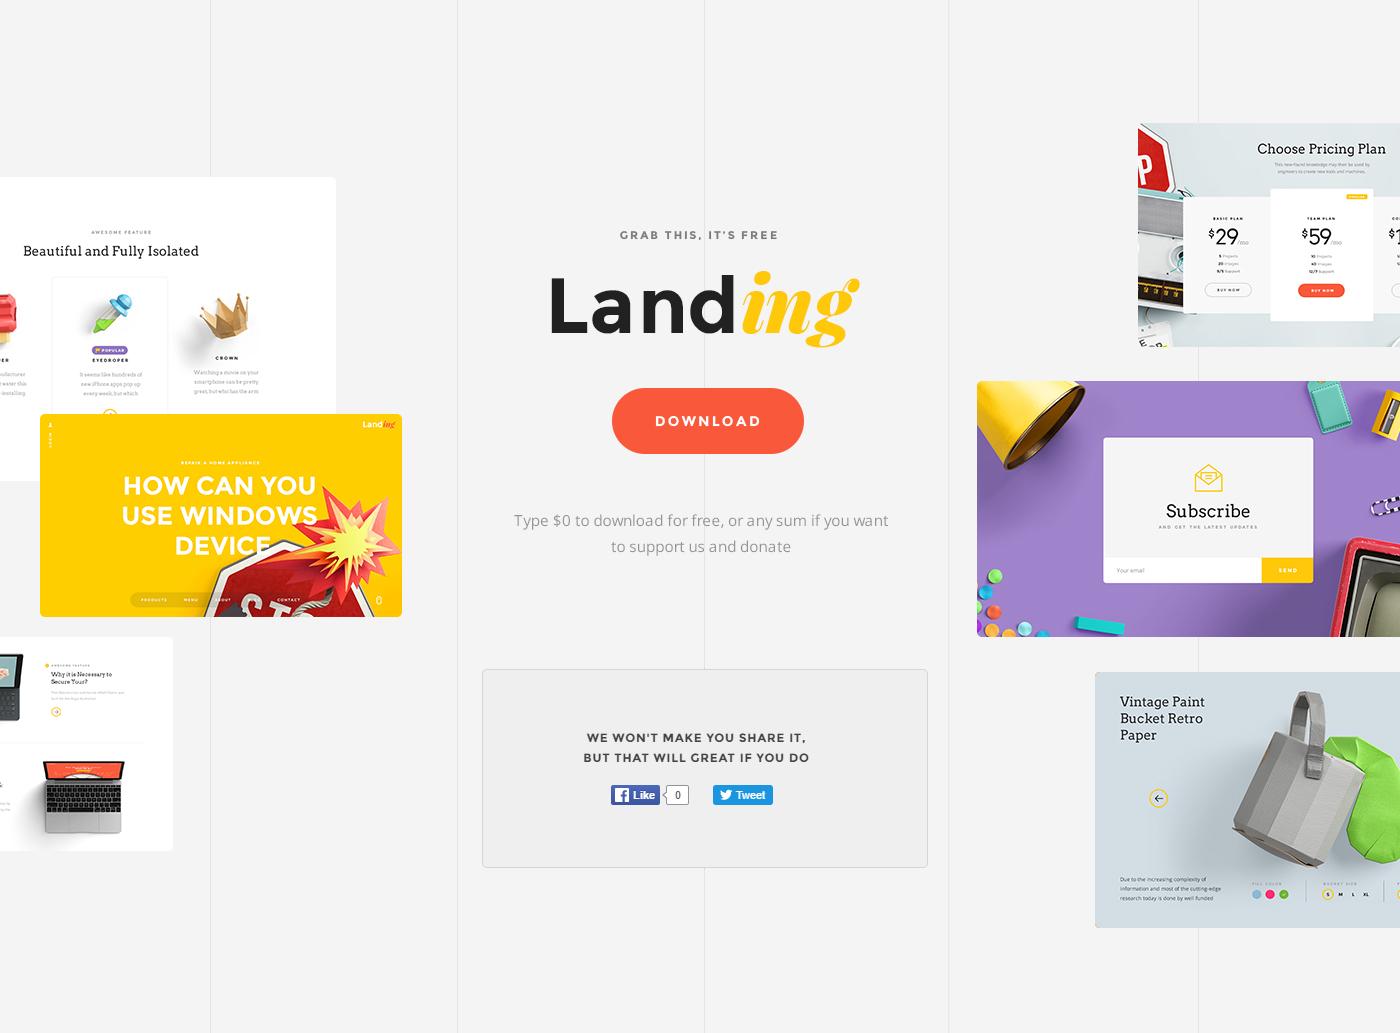 psd sketch free freebie download ui kit UI Mockup wireframe tool resource asset landing page